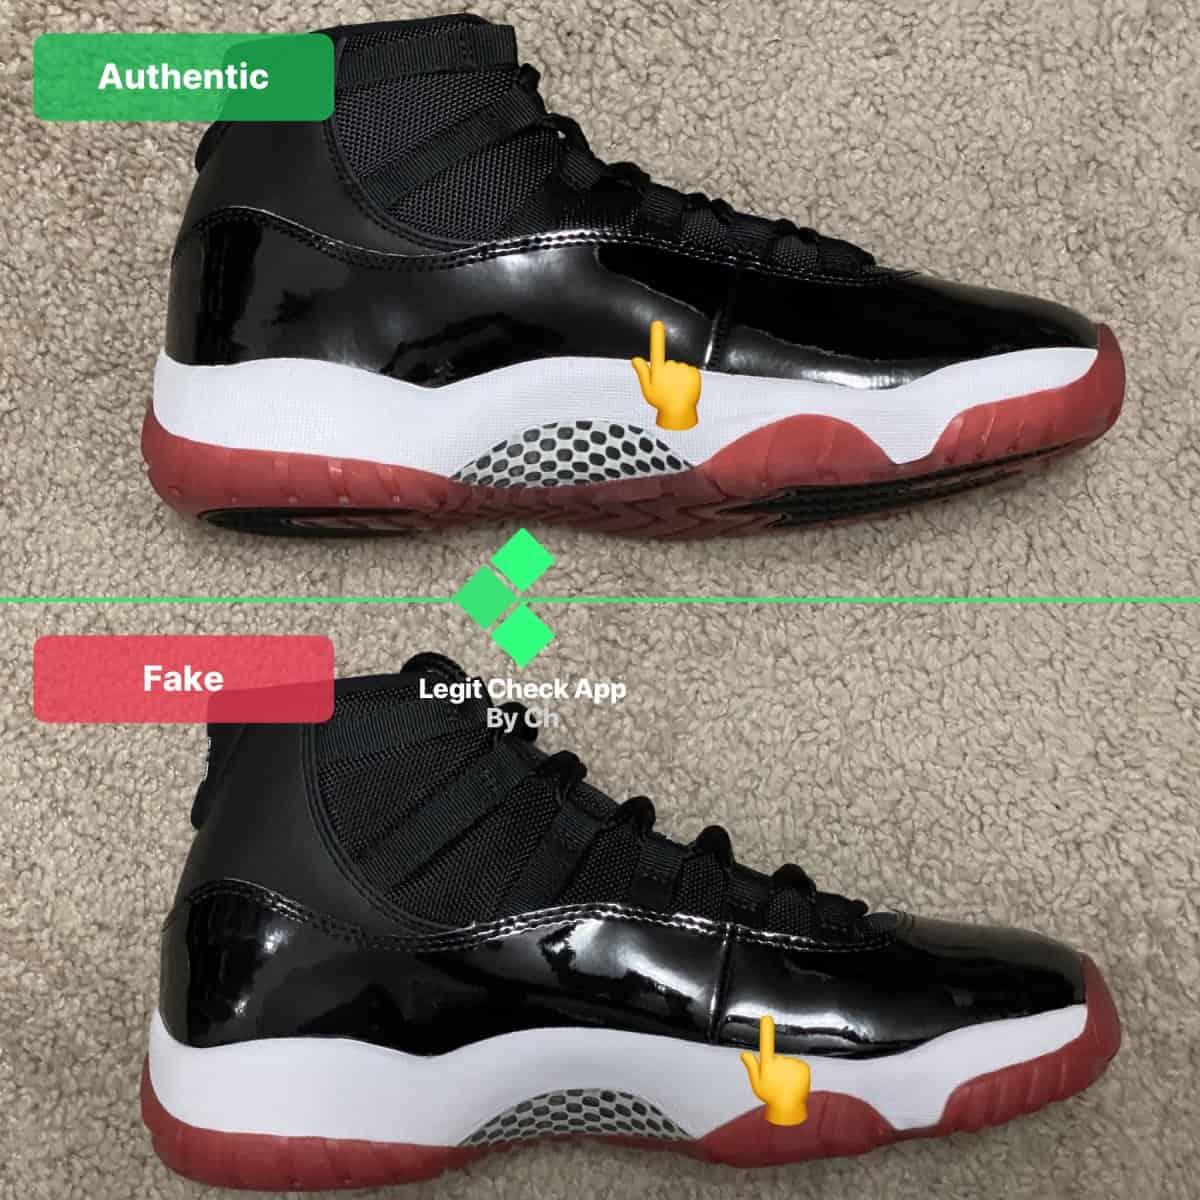 Air Jordan XI Real Vs Fake - How To